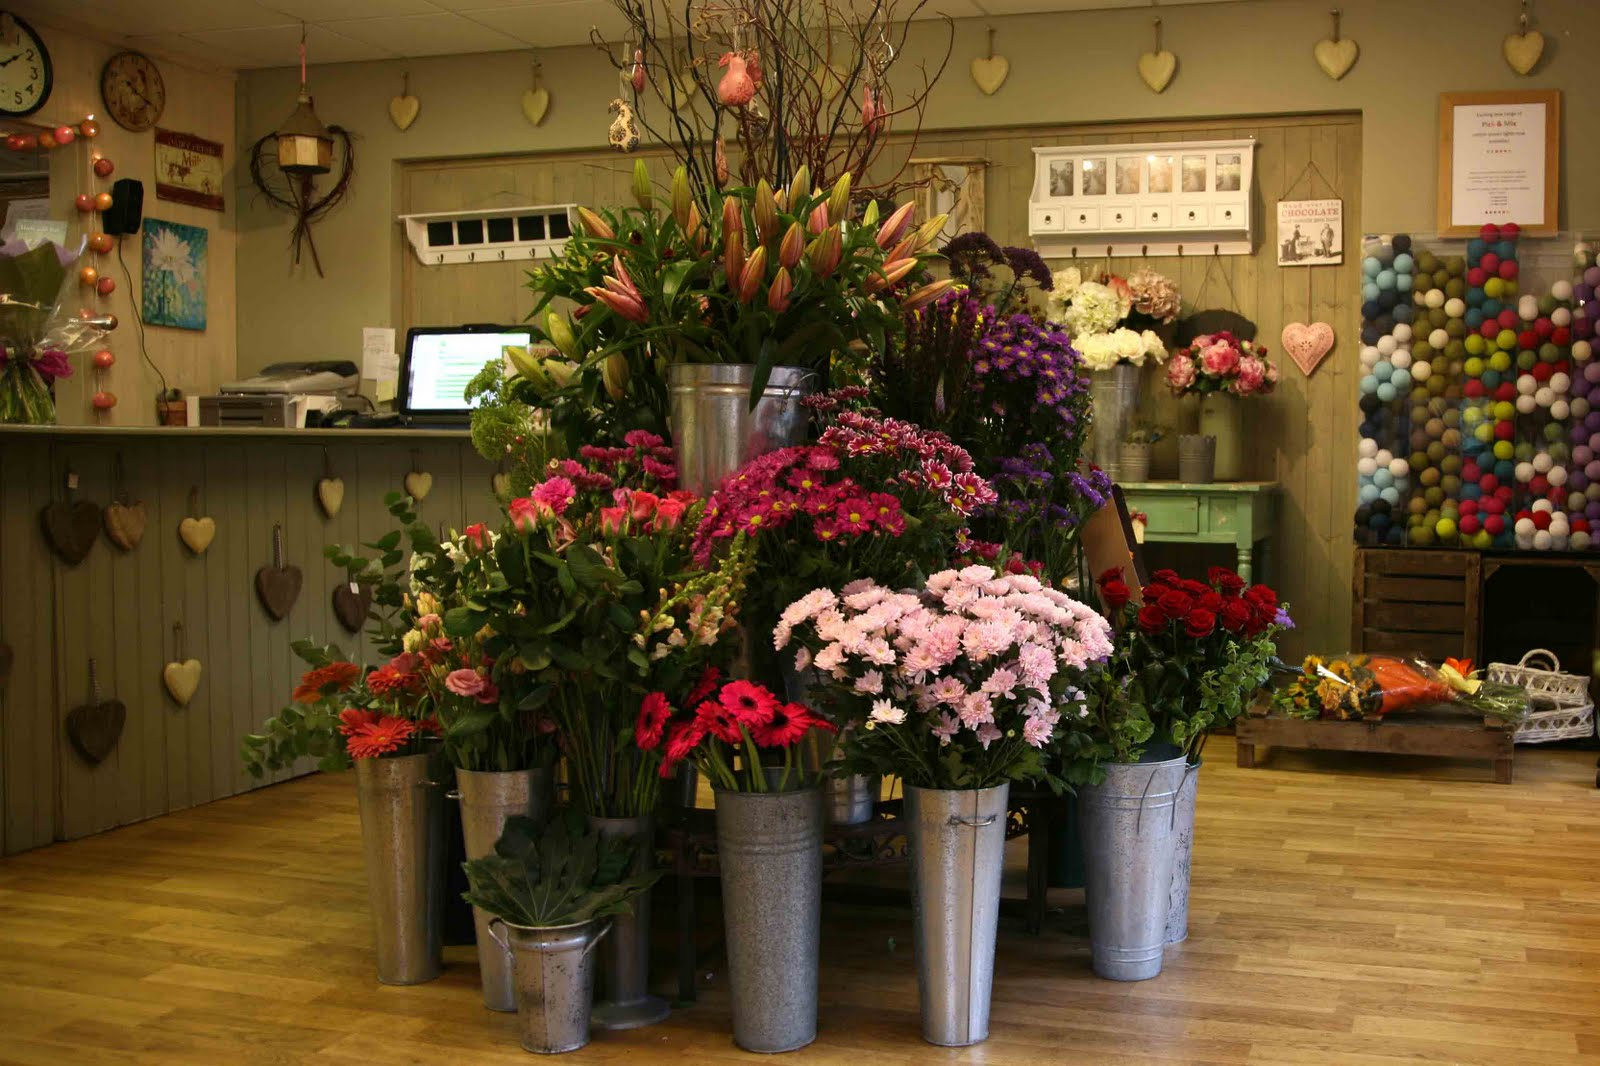 Продажа цветочного бизнеса в спб петроградский район балаково вакансии свежие